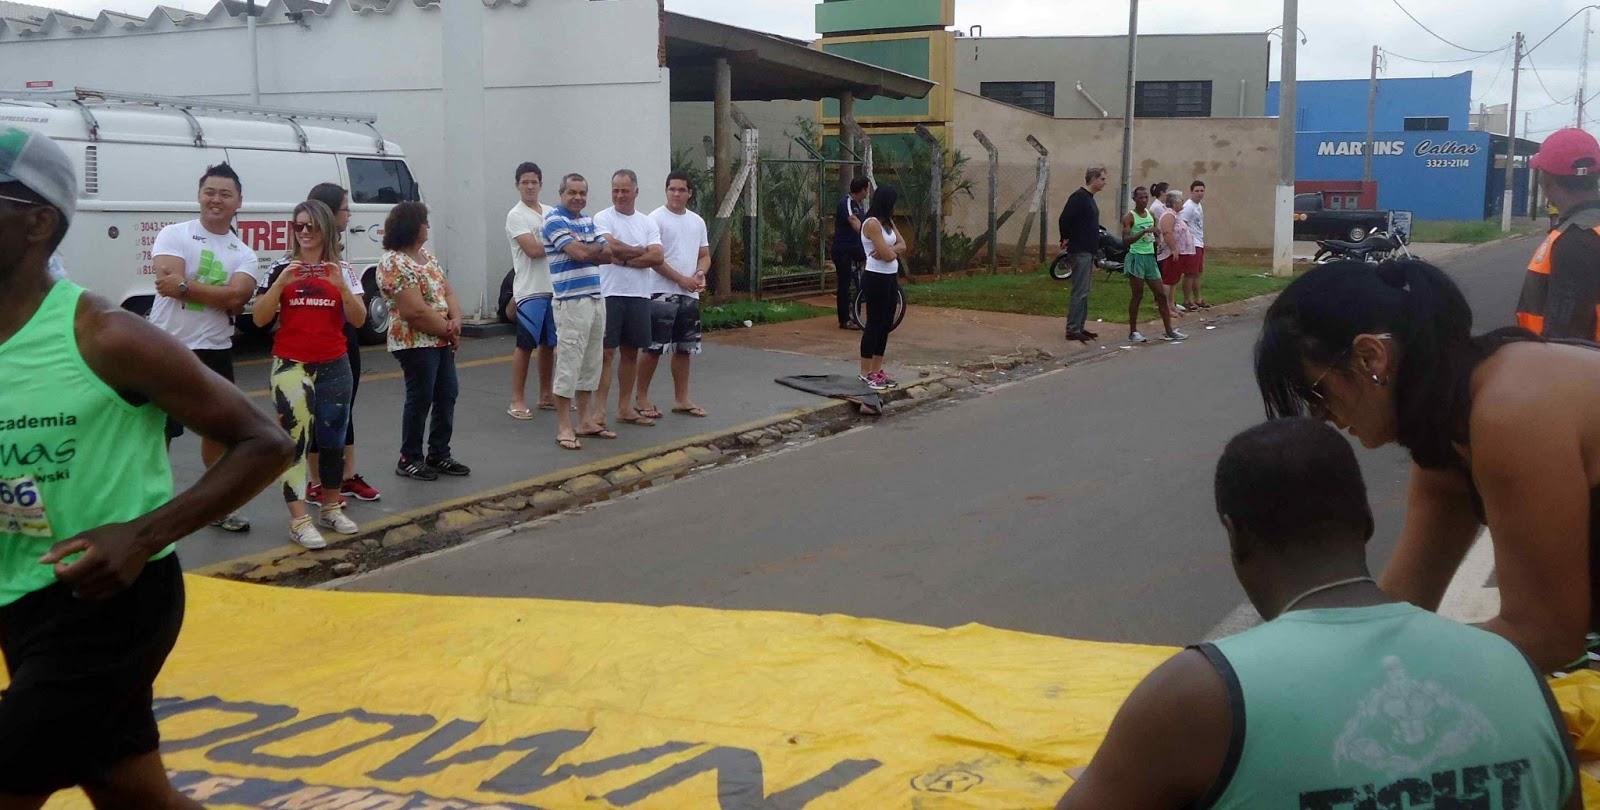 Foto 190 da 1ª Corrida Av. dos Coqueiros em Barretos-SP 14/04/2013 – Atletas cruzando a linha de chegada